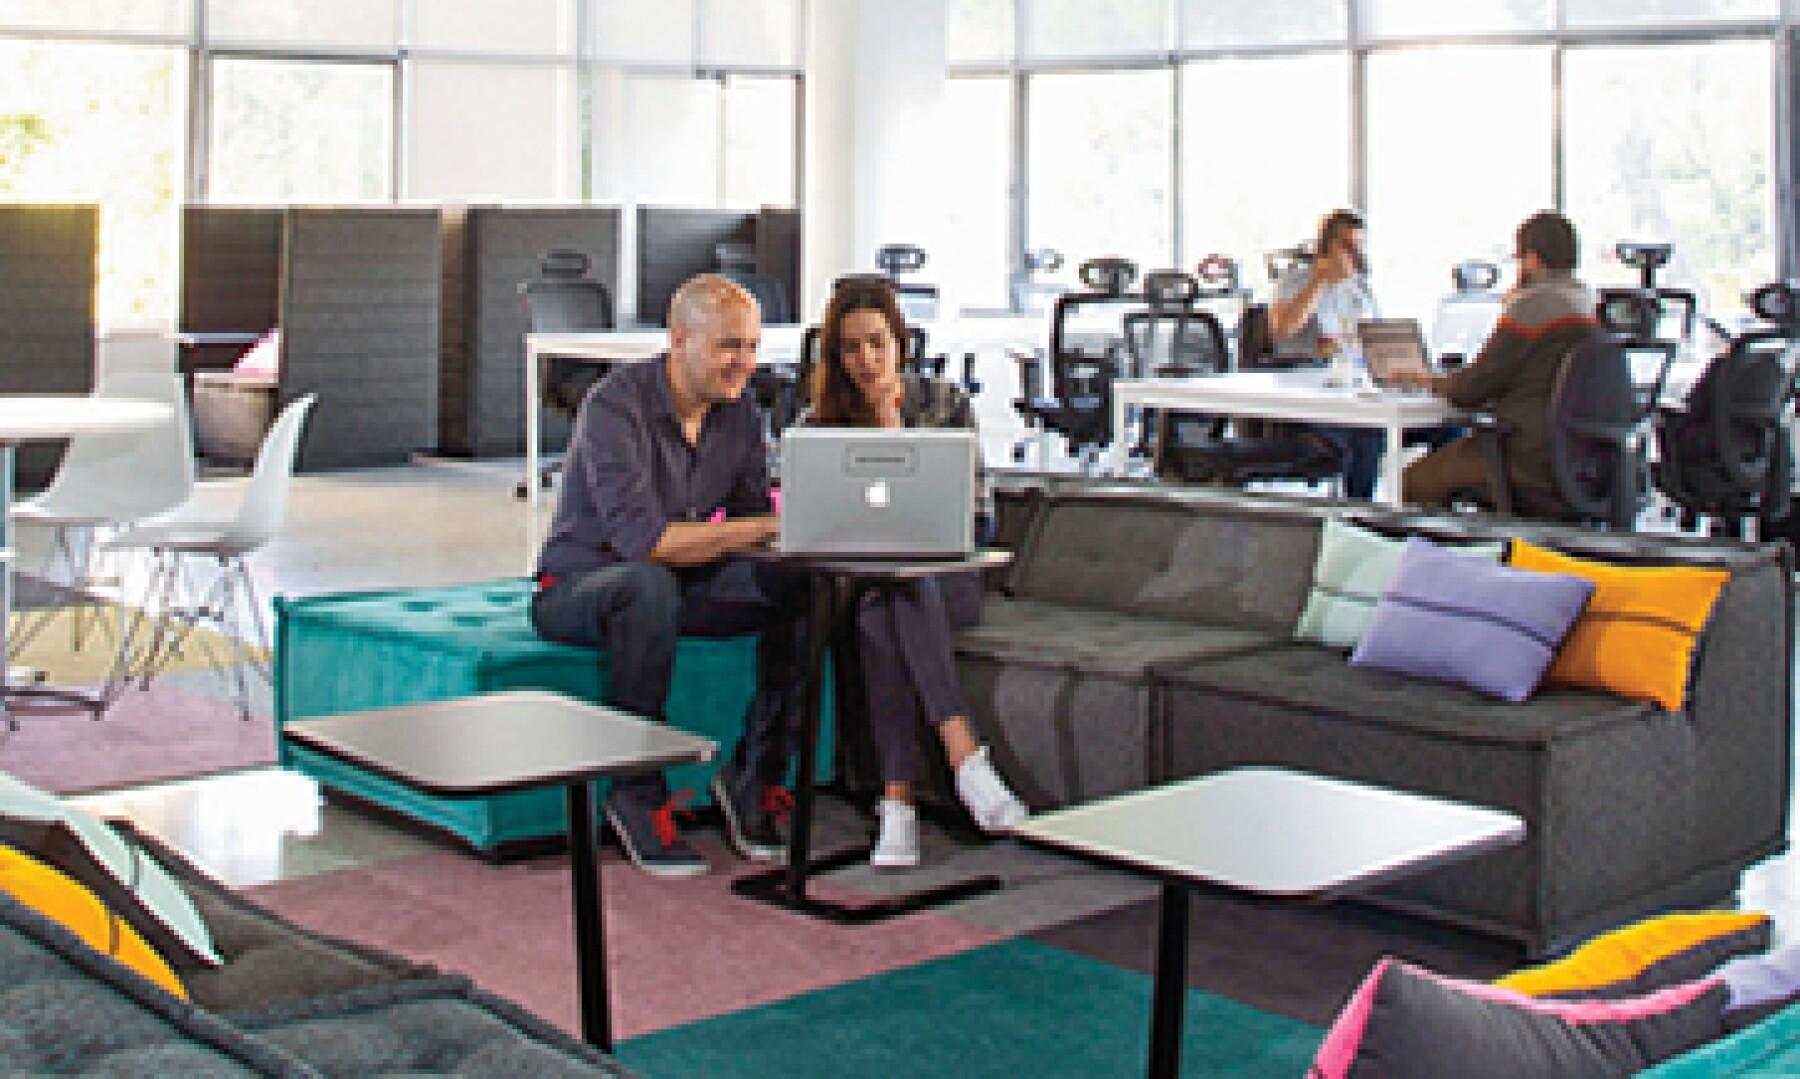 Es una planta con espacio para 40 personas, dos salas de juntas, cocina y biblioteca. (Foto: Simon Barber )